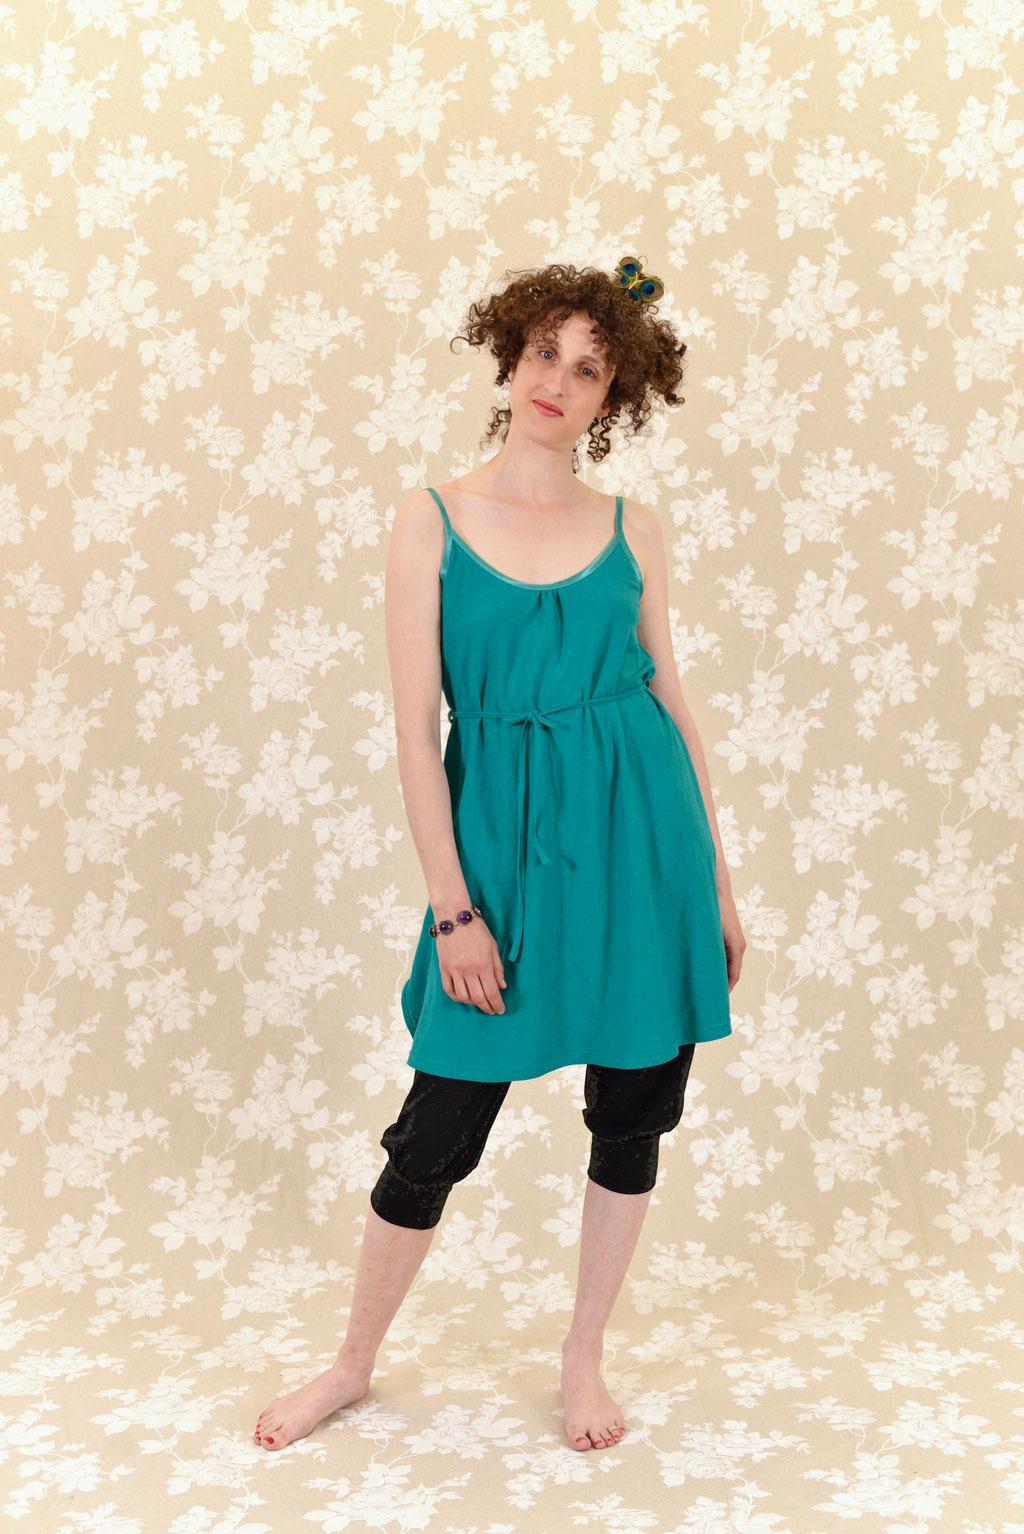 Kleid BIO-Esmeralda und Hose BIO-Elani aus Baumwolle aus kontrolliert biologischem Anbau und Hanf